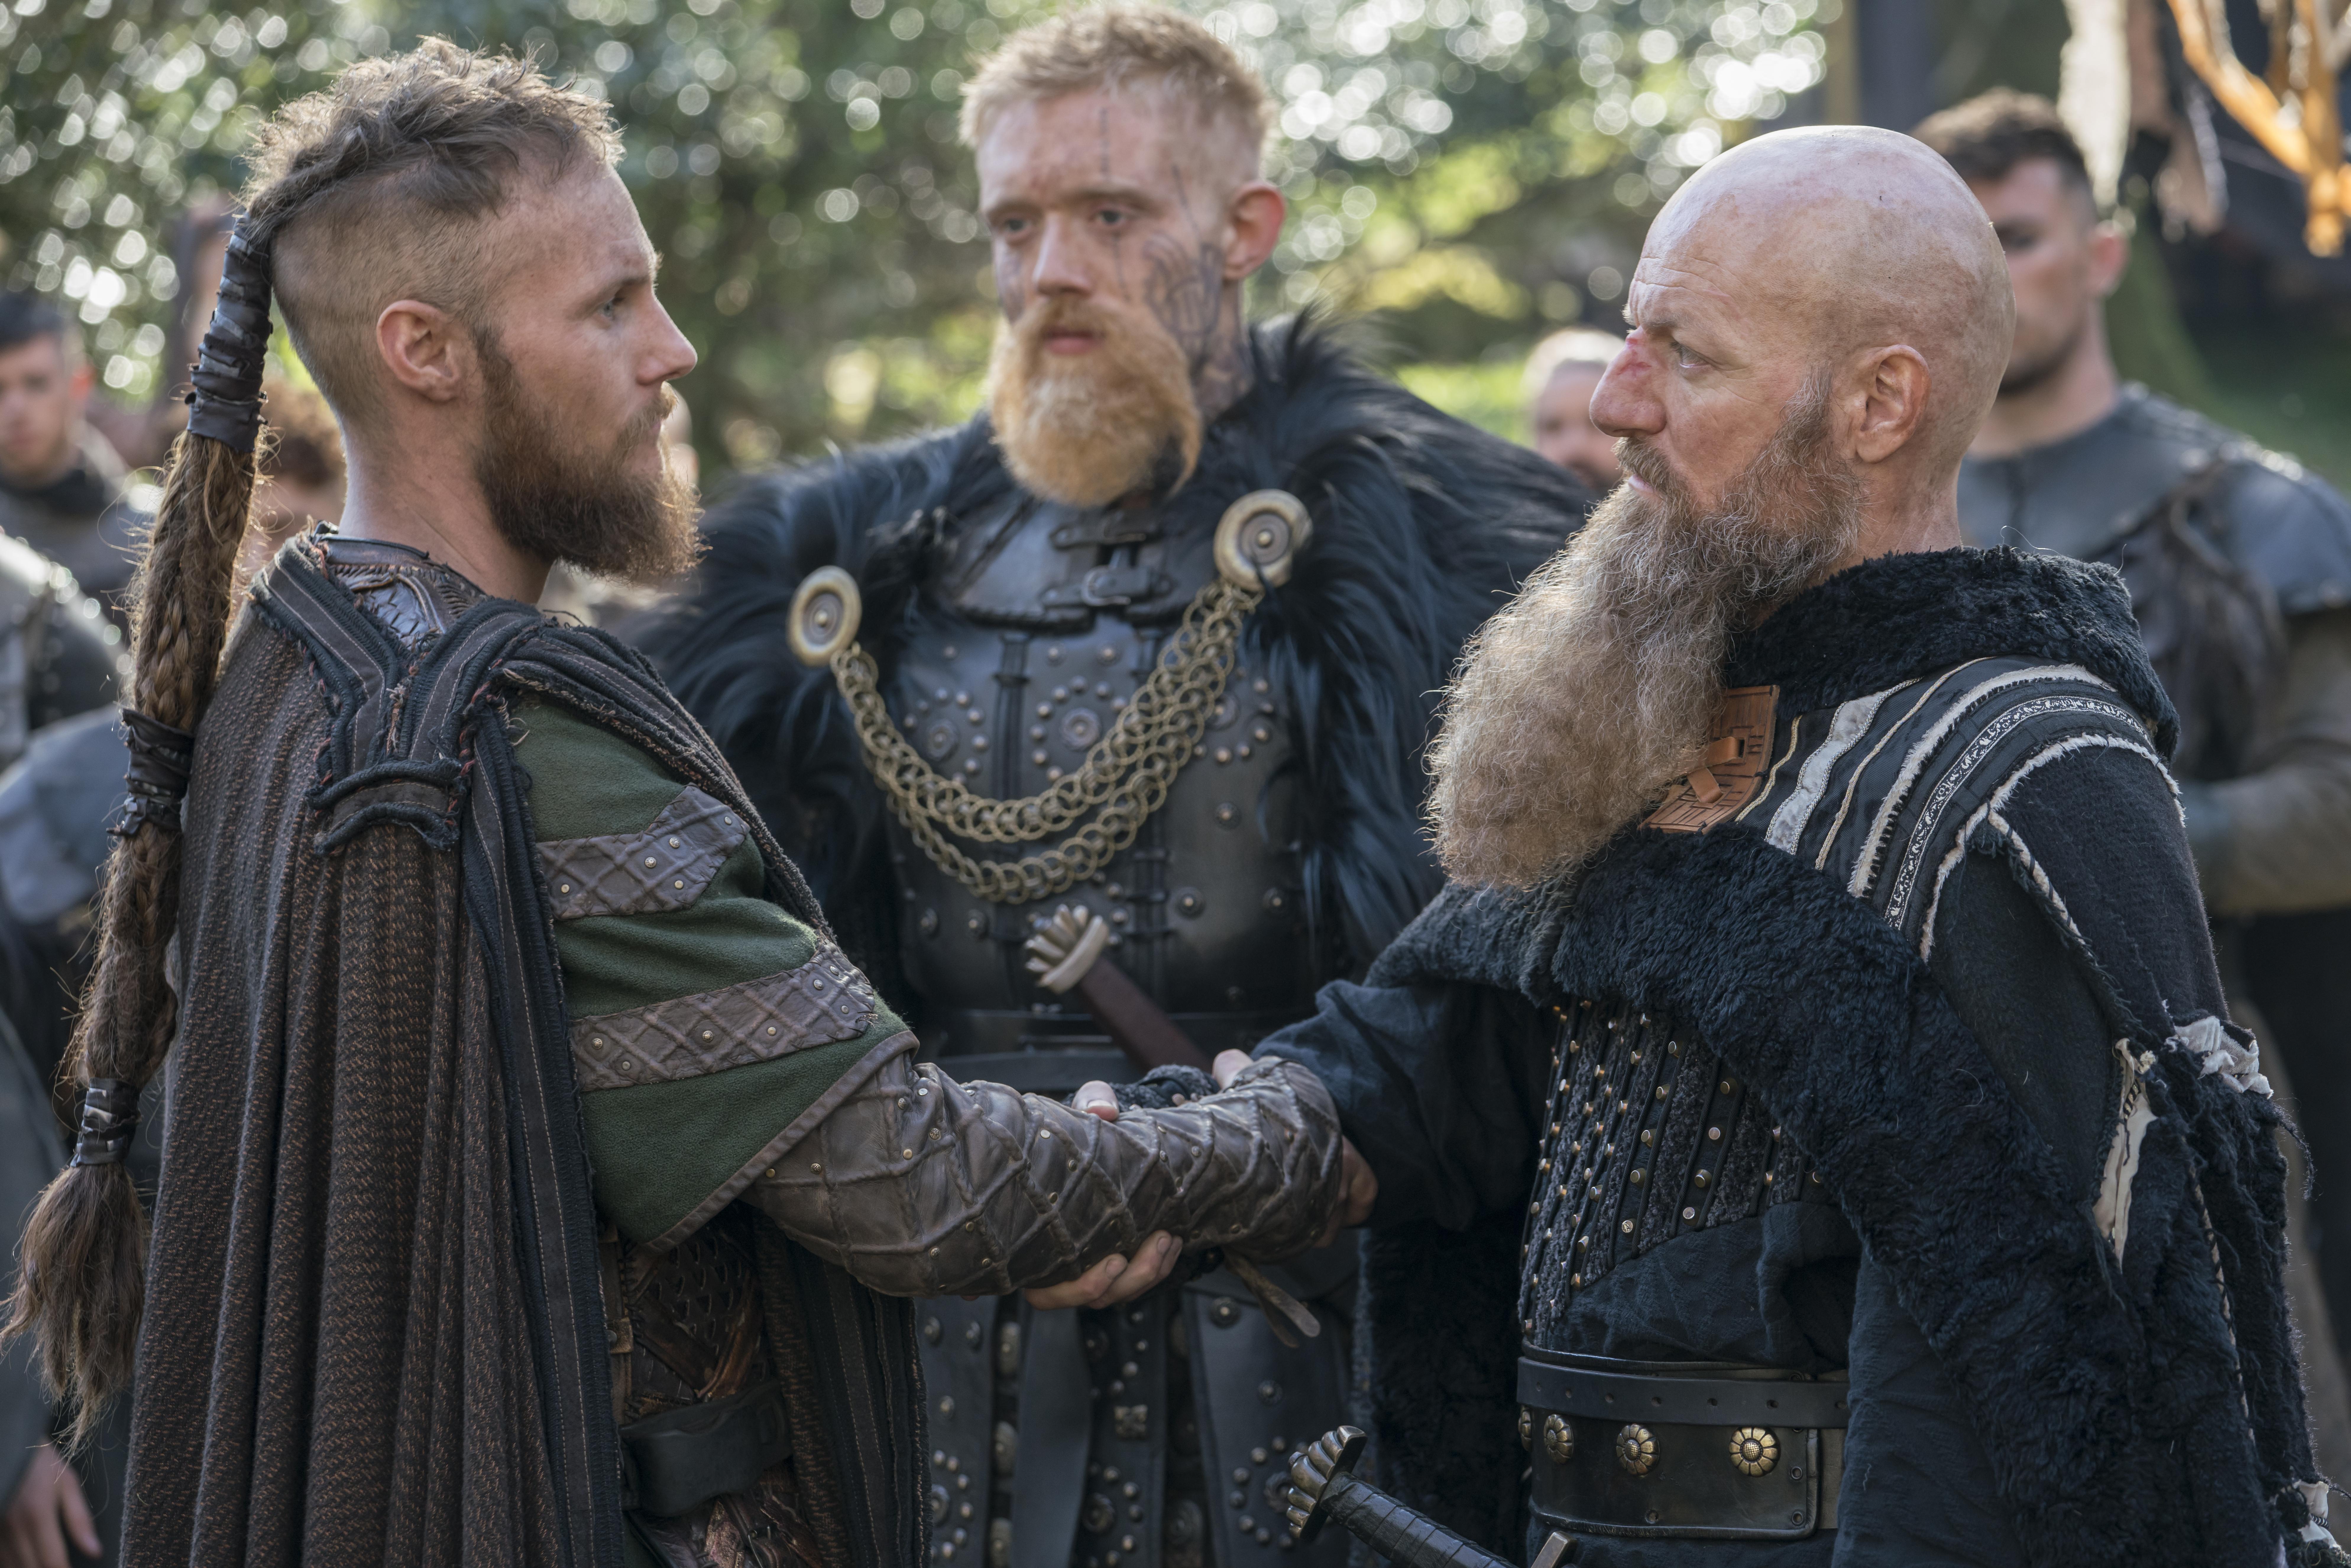 Vikings season 5, episode 18 recap: Baldur